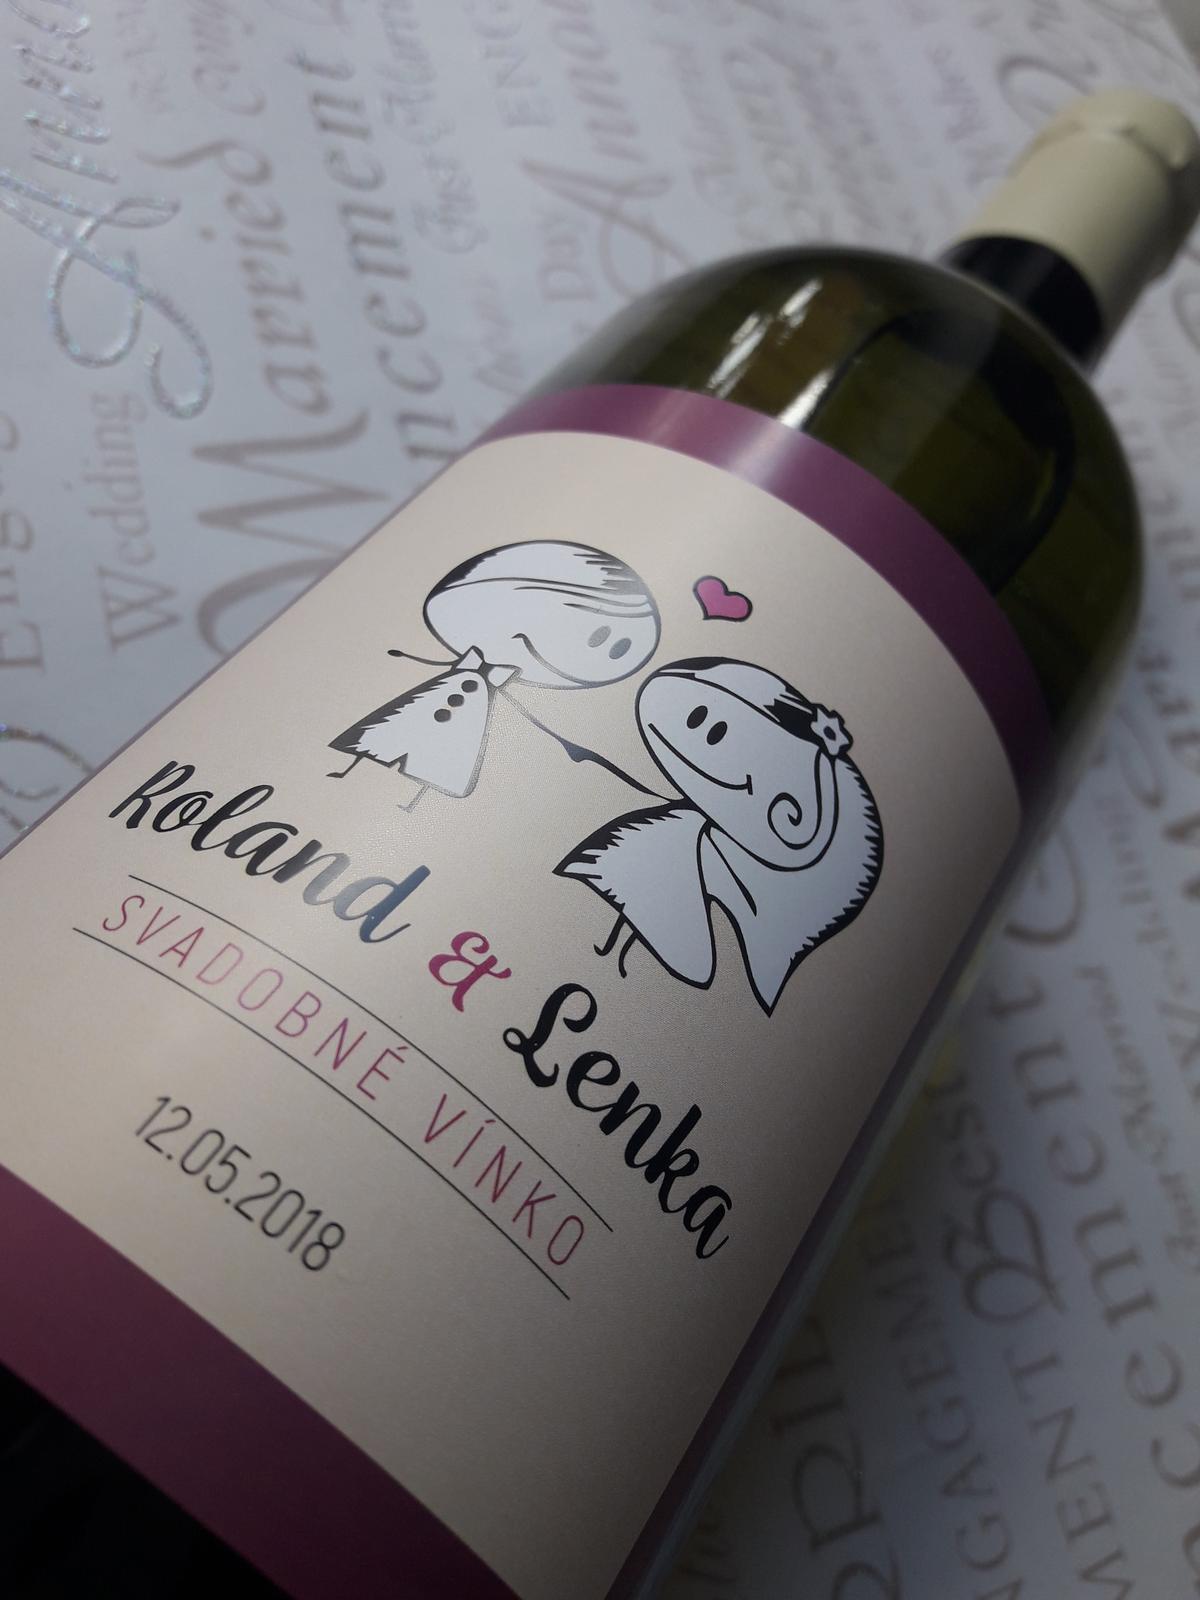 vinomaravilla - Svadobná etiketa s panáčikmi. Veľmi obľúbená a milá forma svadobnej etikety